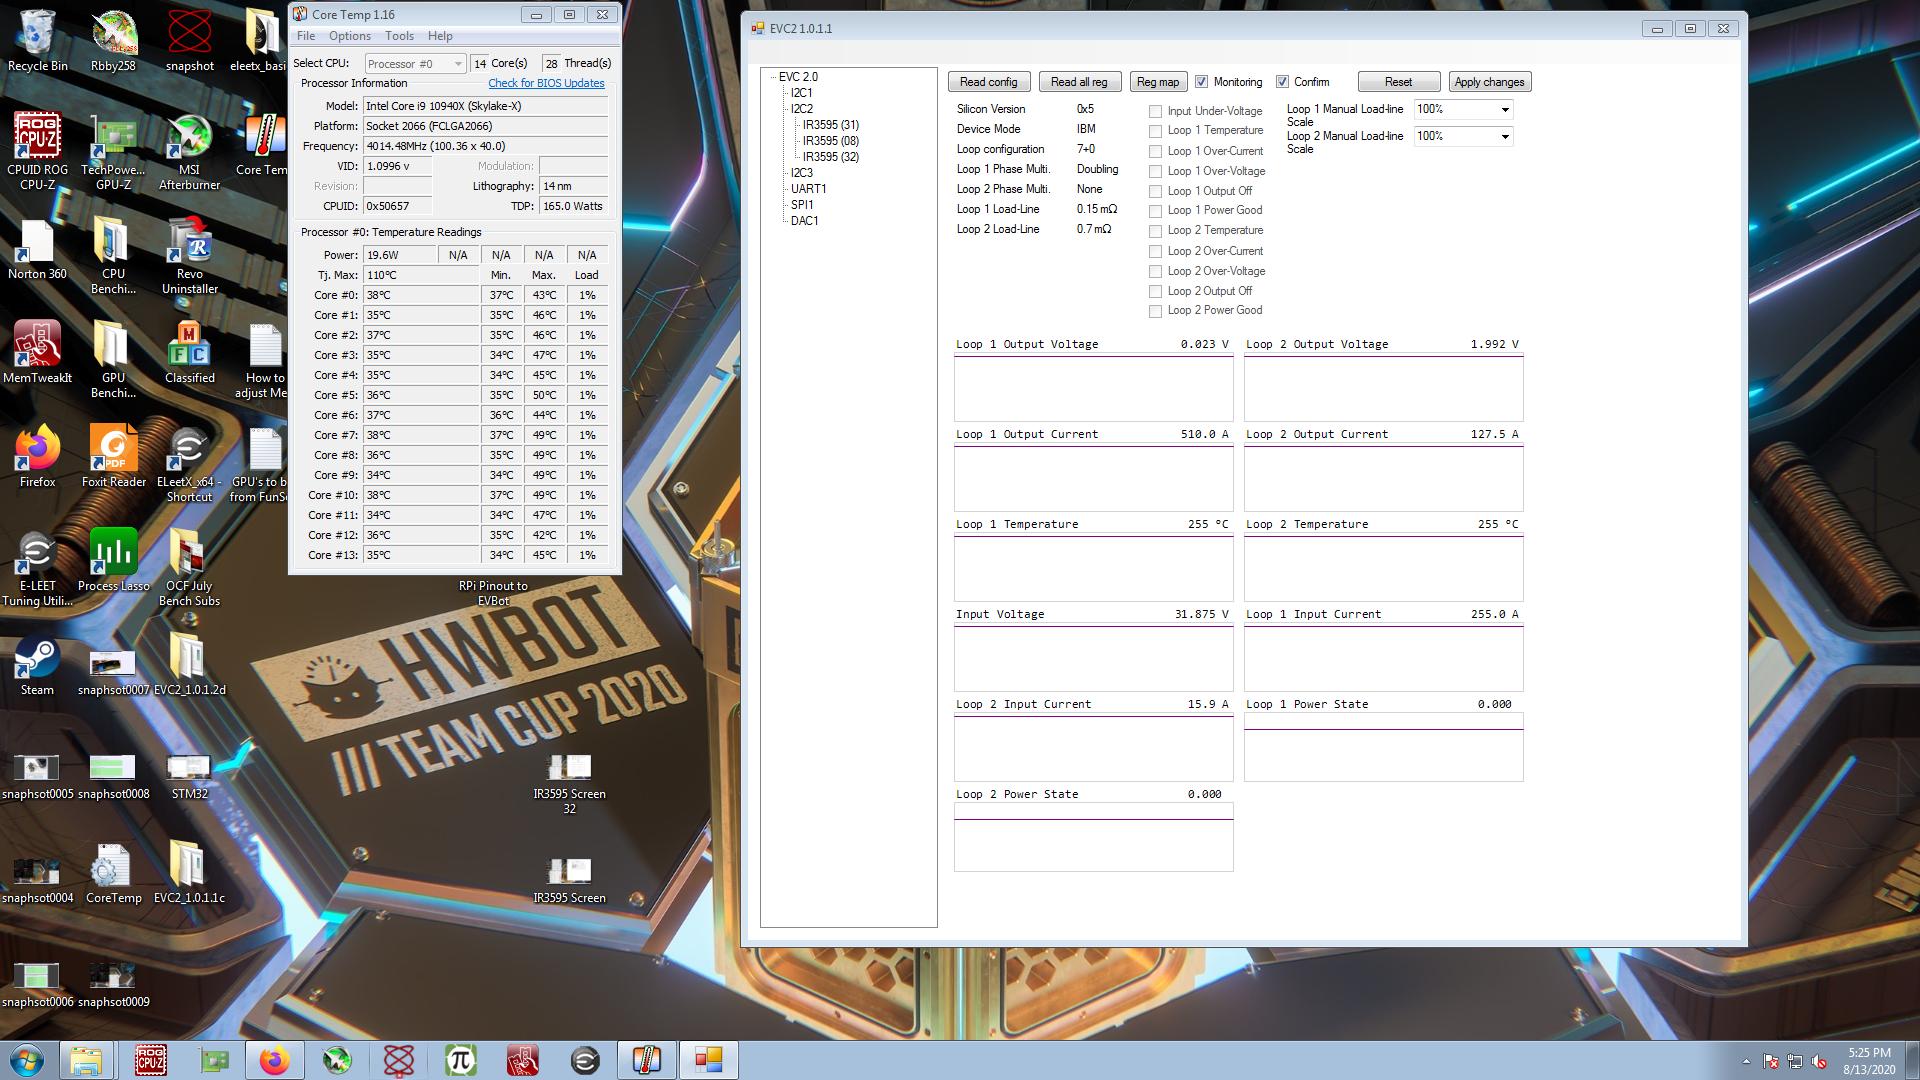 IR3595-Screen-08.png